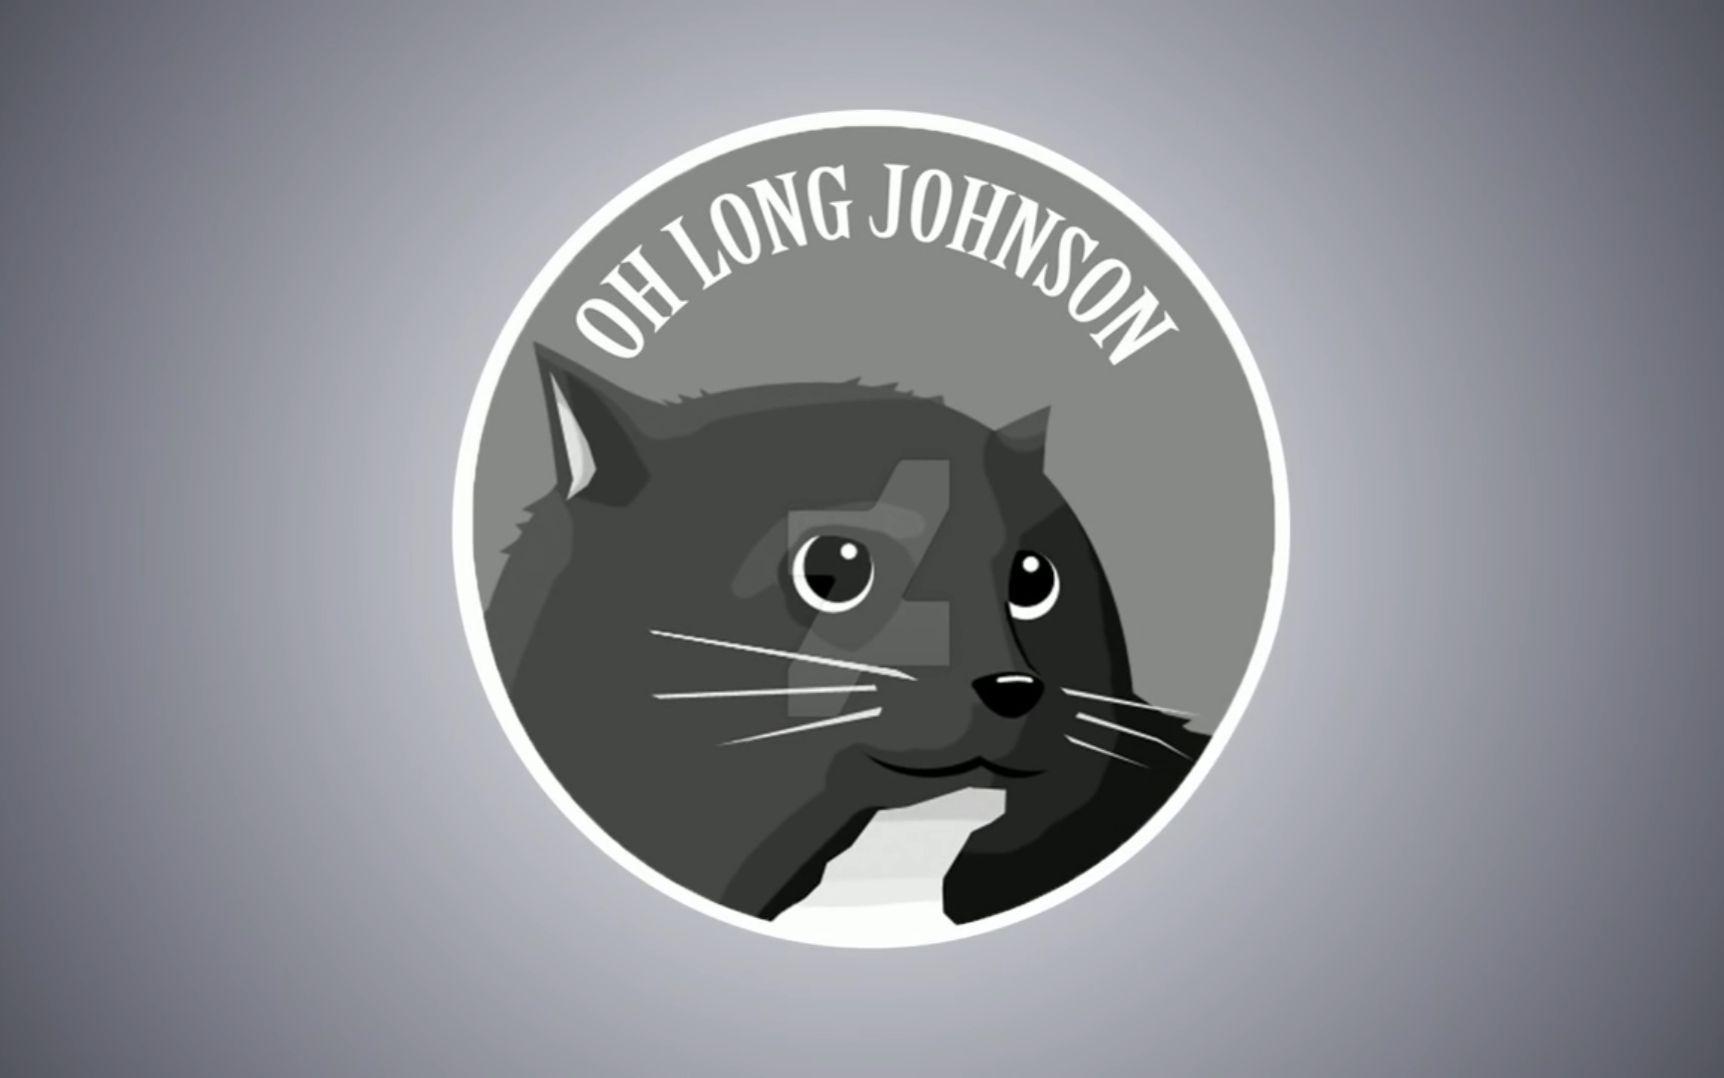 【皇室战争】皇勒个去 皇室趣味集锦合集——oh long johnson(我要小姐)系列(更新71期)(7)